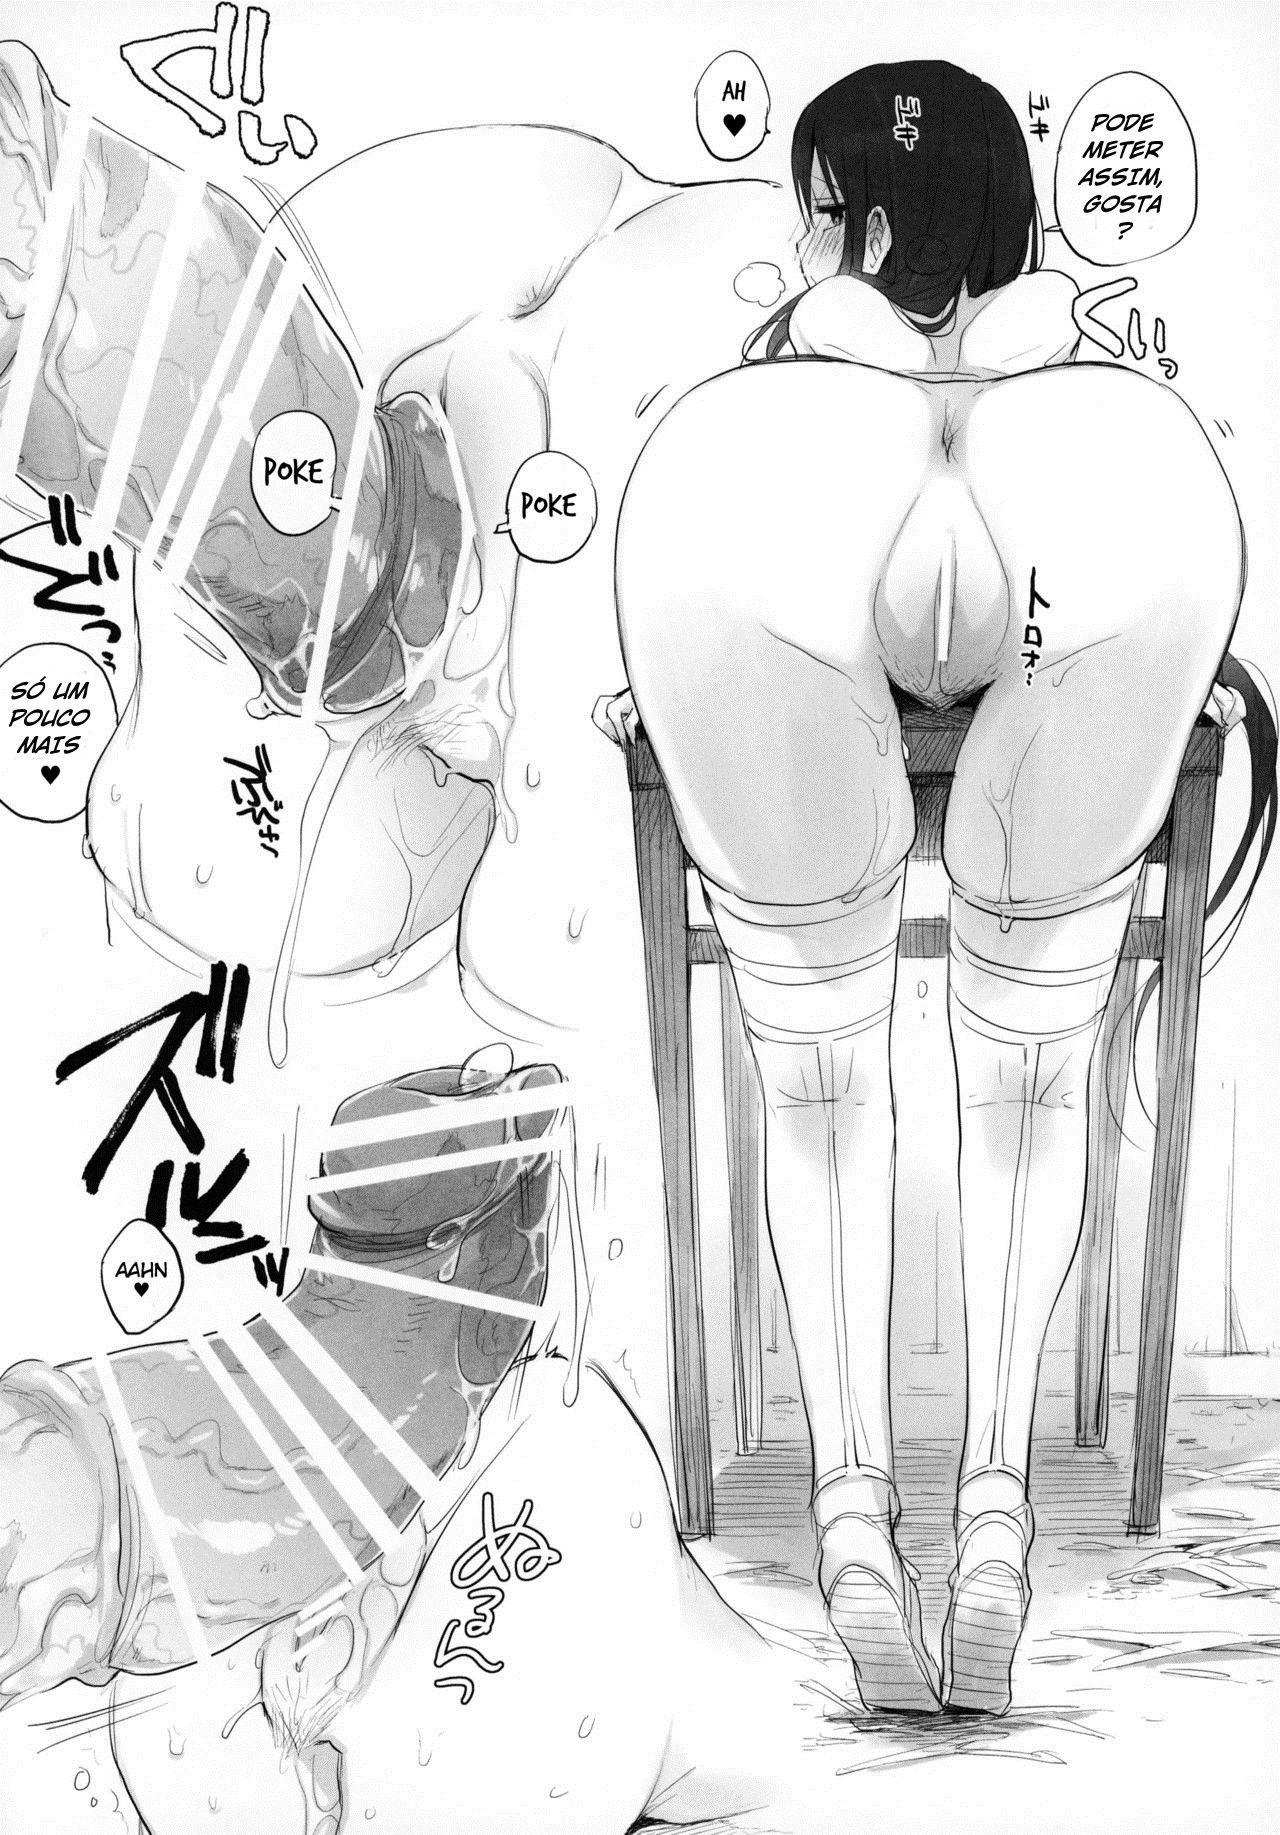 A-treinadora-com-seu-cavalo-15